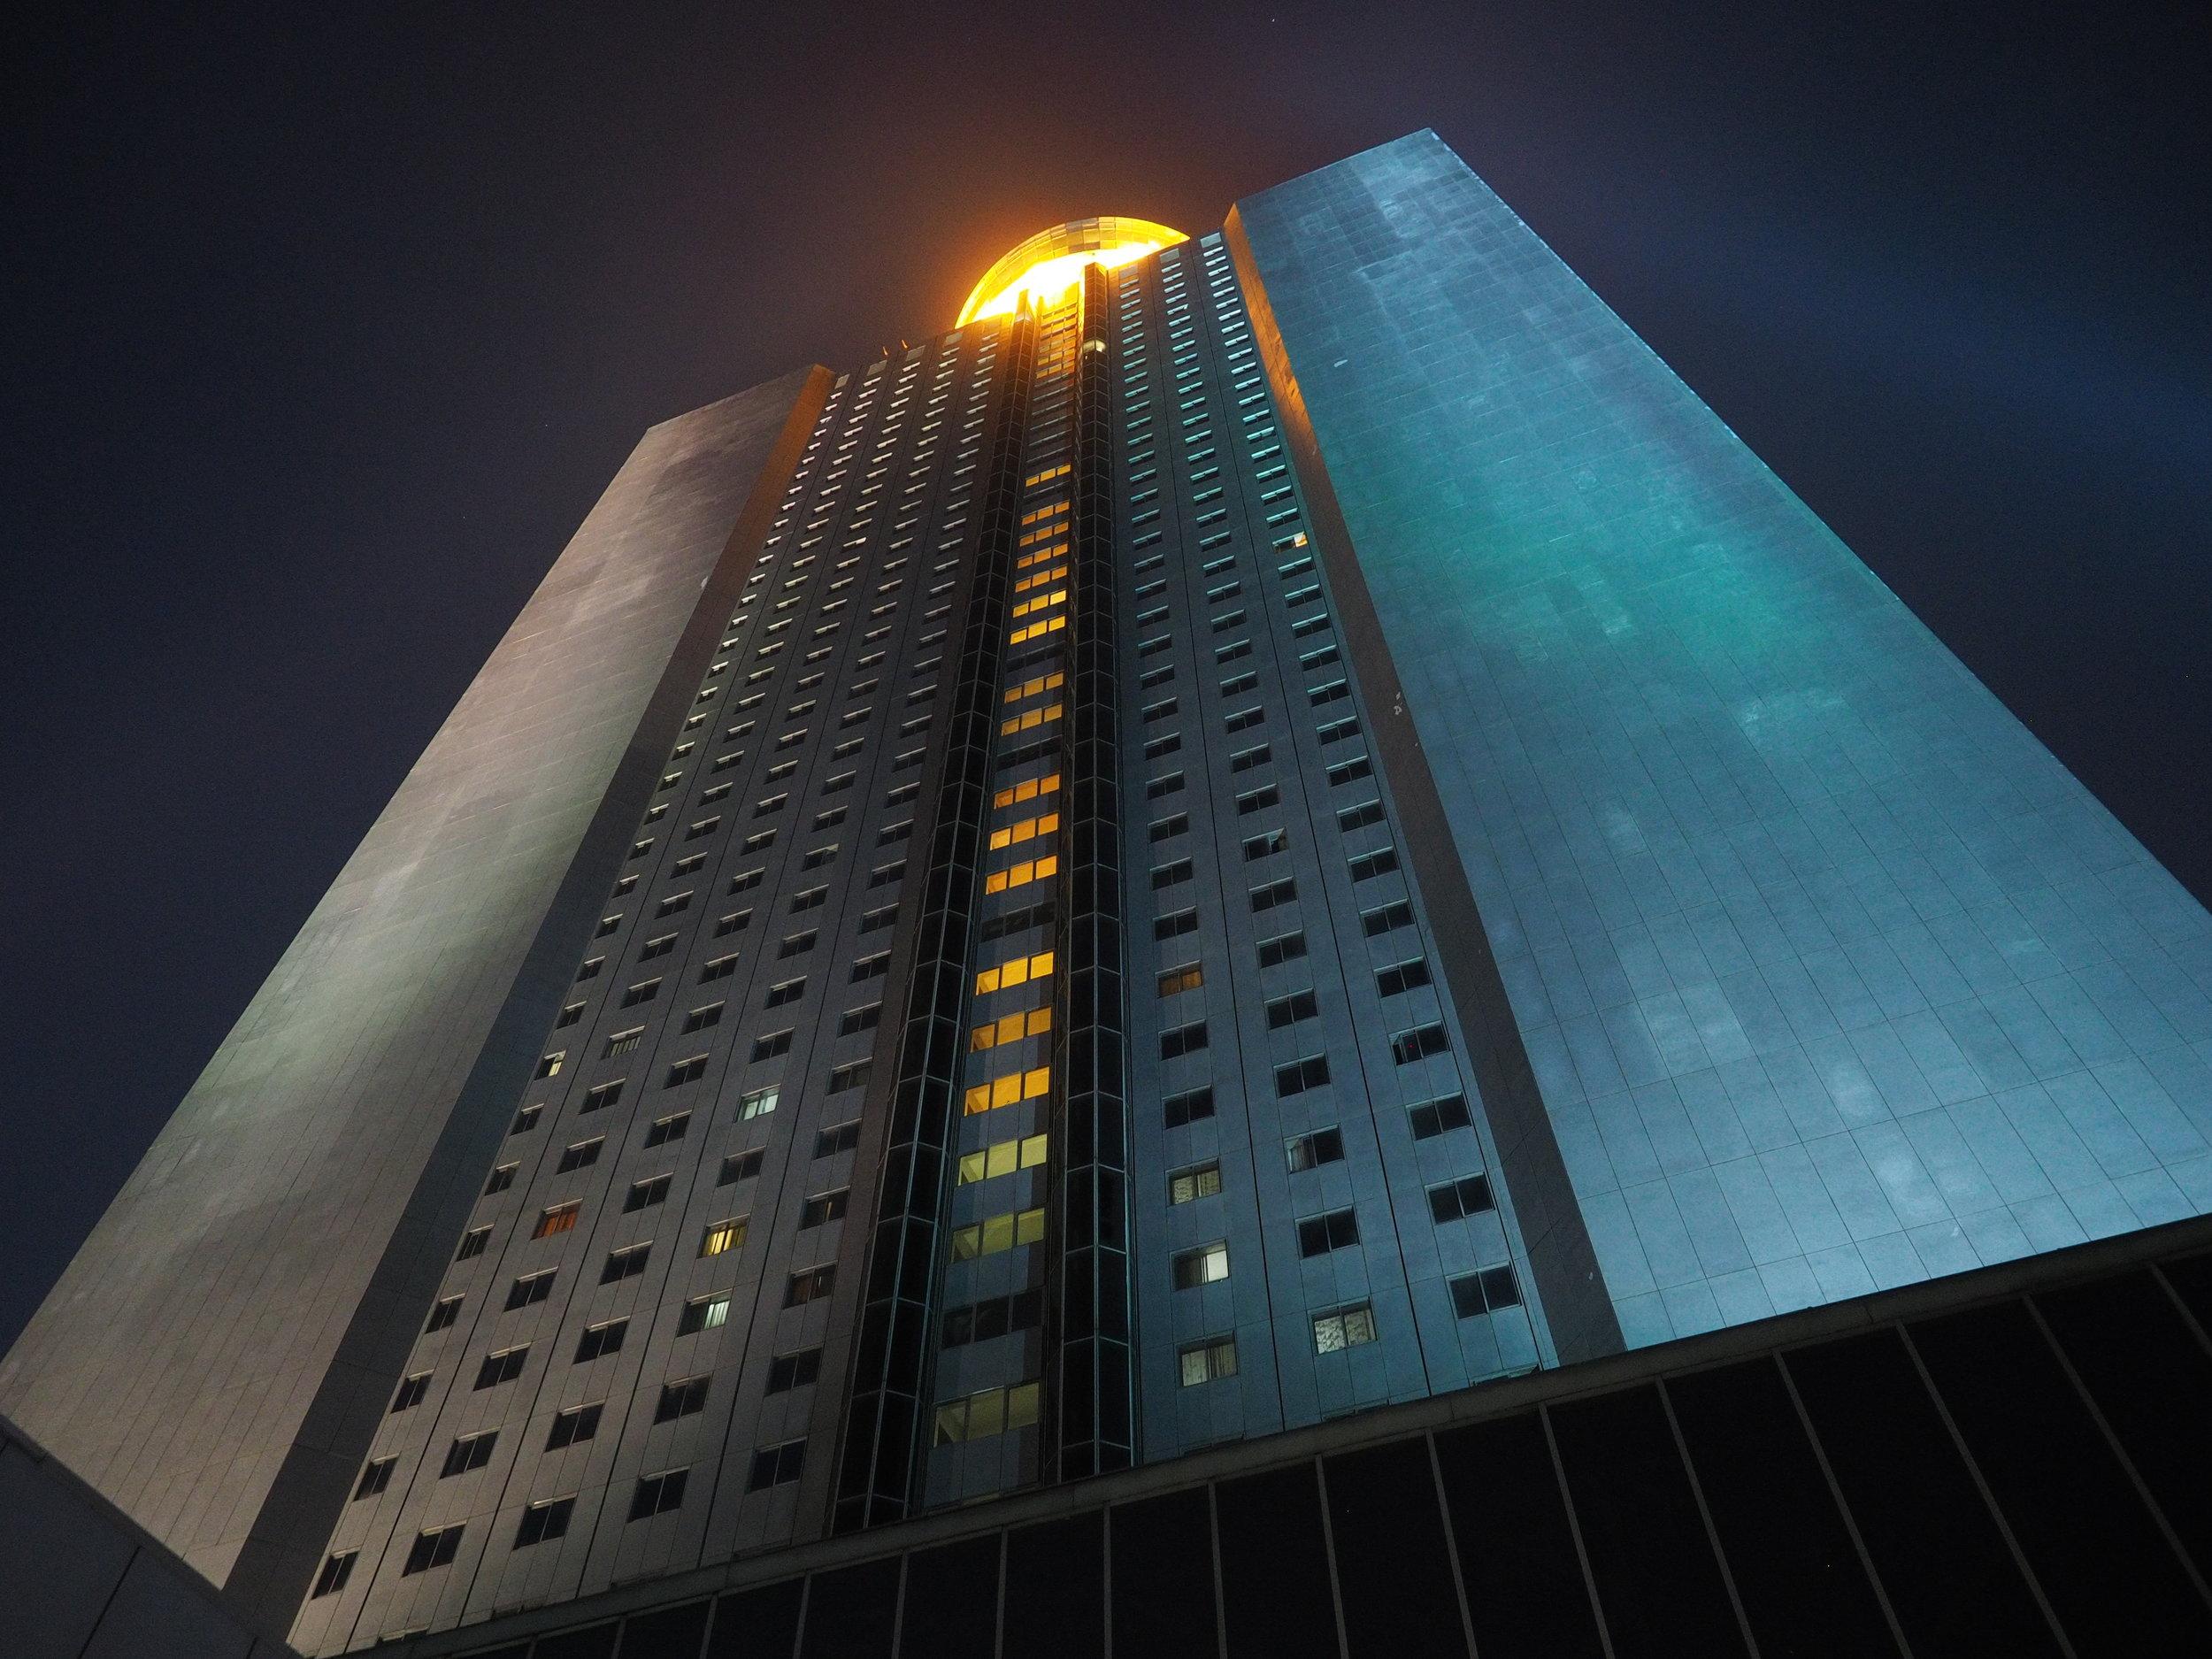 The imposing behemoth that is the Yanggakdo International Hotel in Pyongyang.